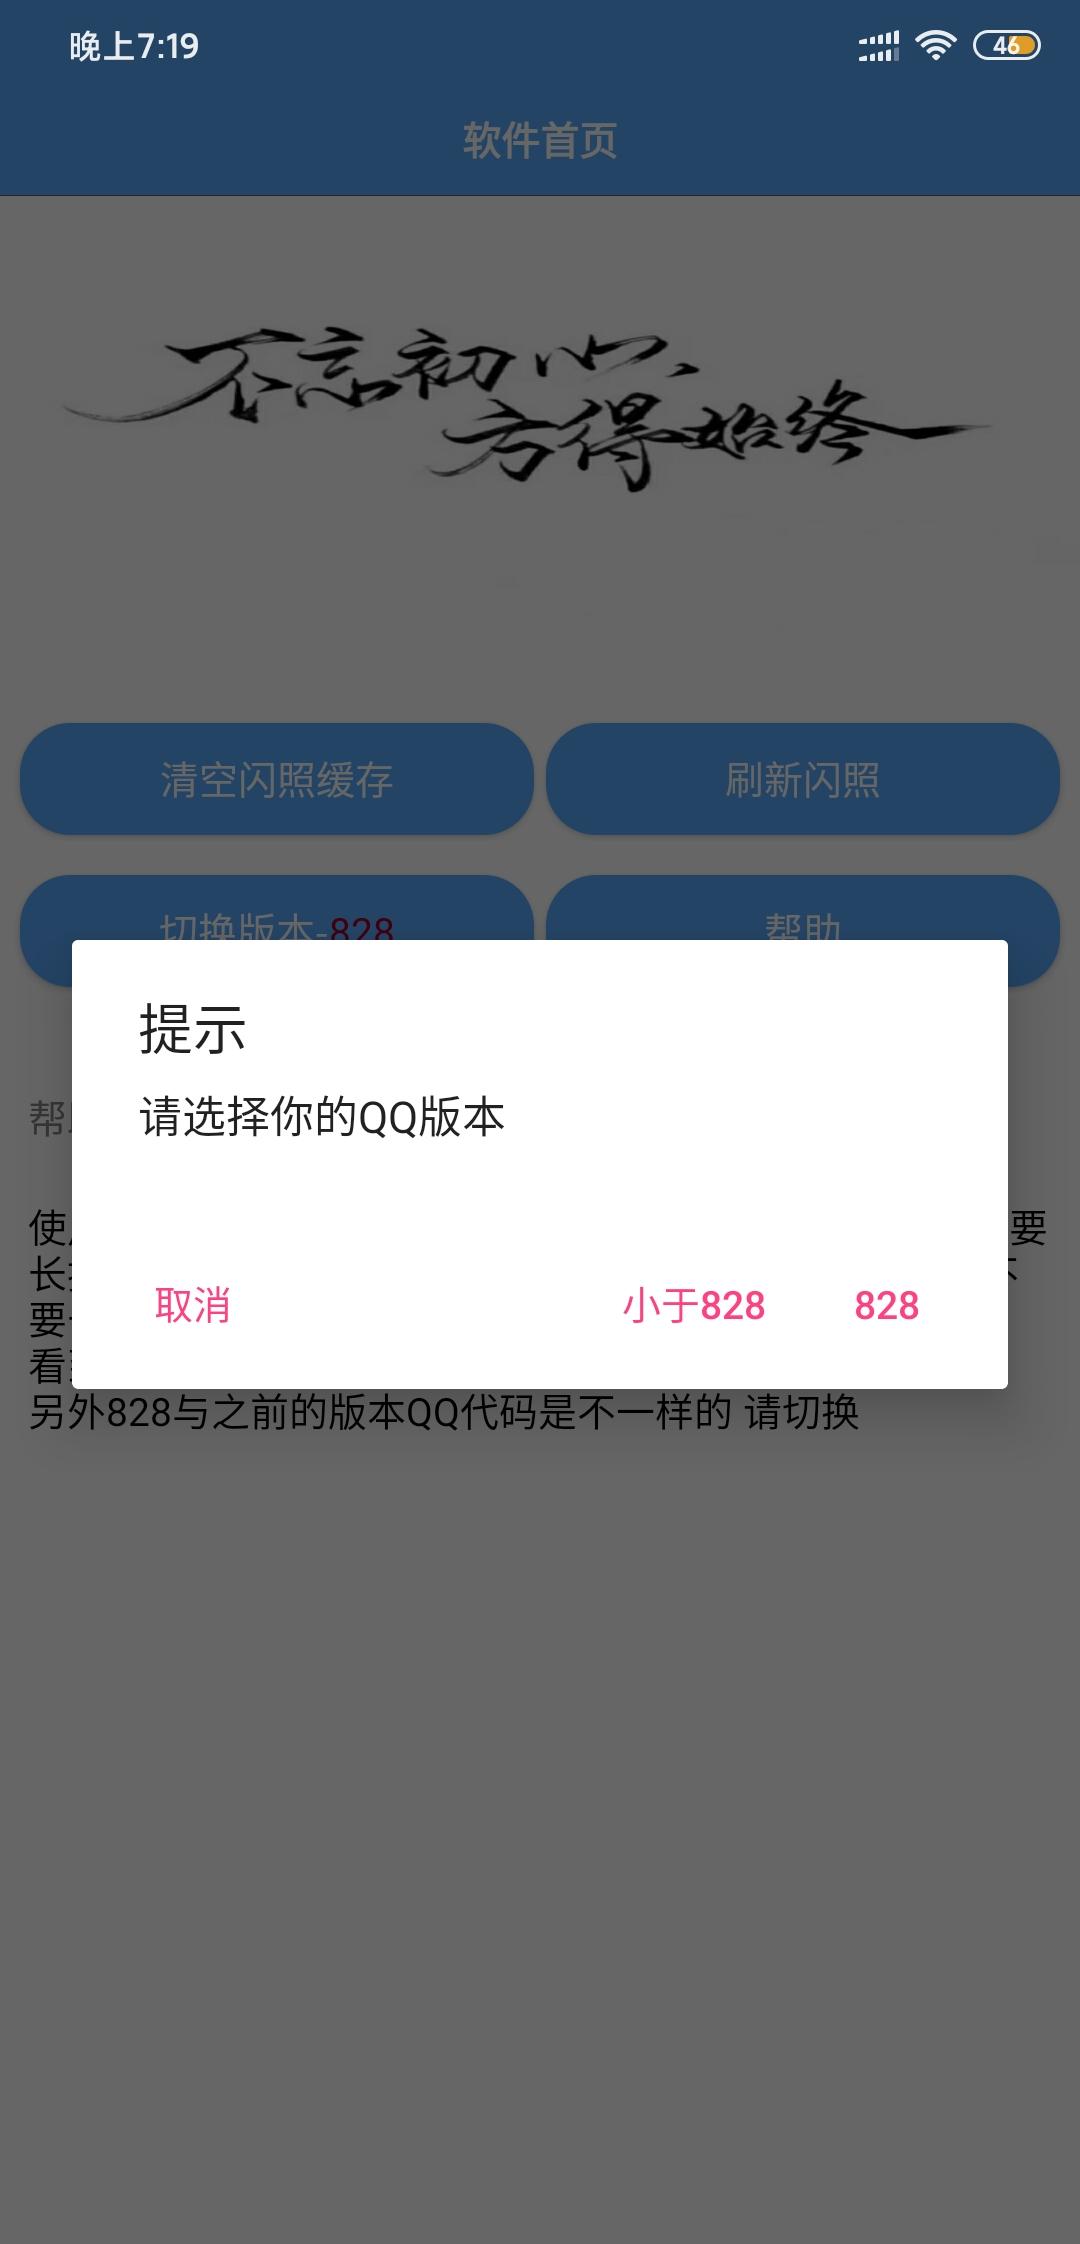 【分享】QQ闪照破解v2.0-爱小助